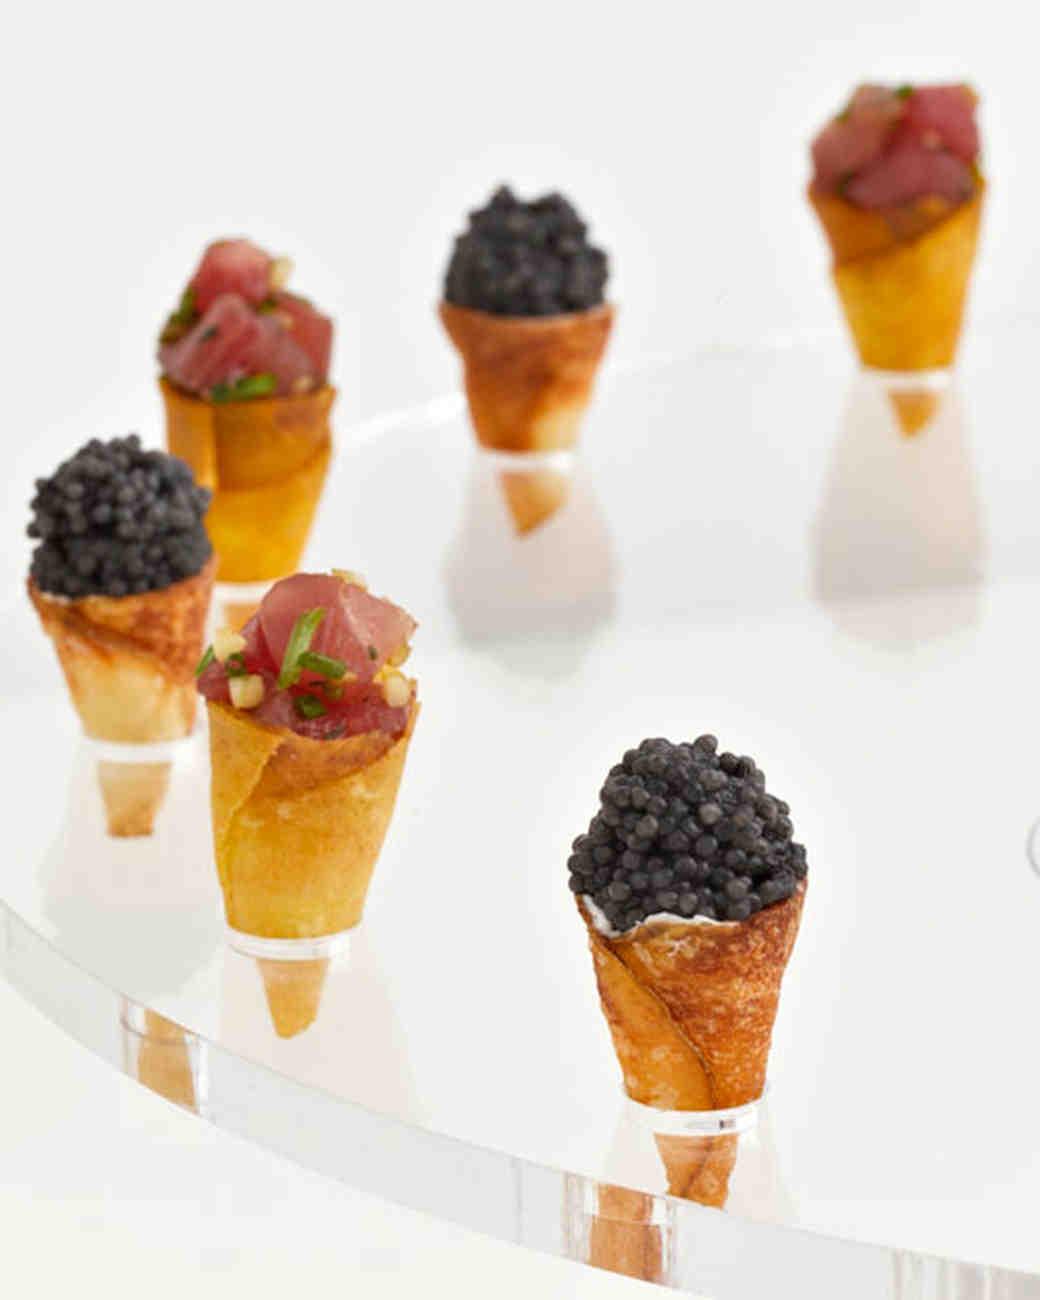 cones010-summer11wd107286.jpg